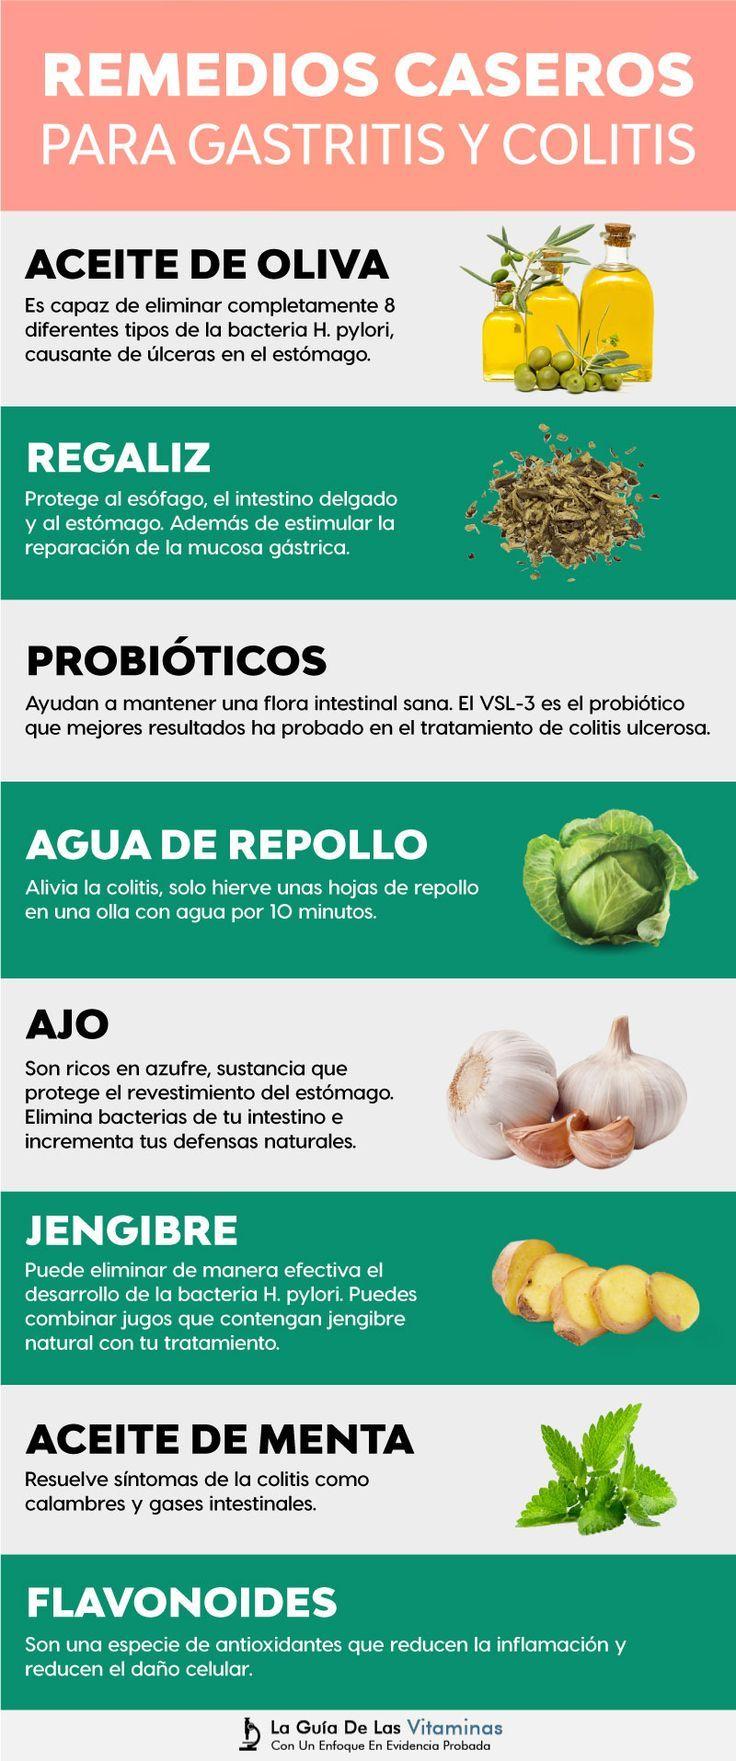 14 Remedios Caseros Para La Gastritis Y Colitis La Guia De Las Vitaminas Colitis Remedies Gastritis Diet Natural Medicine